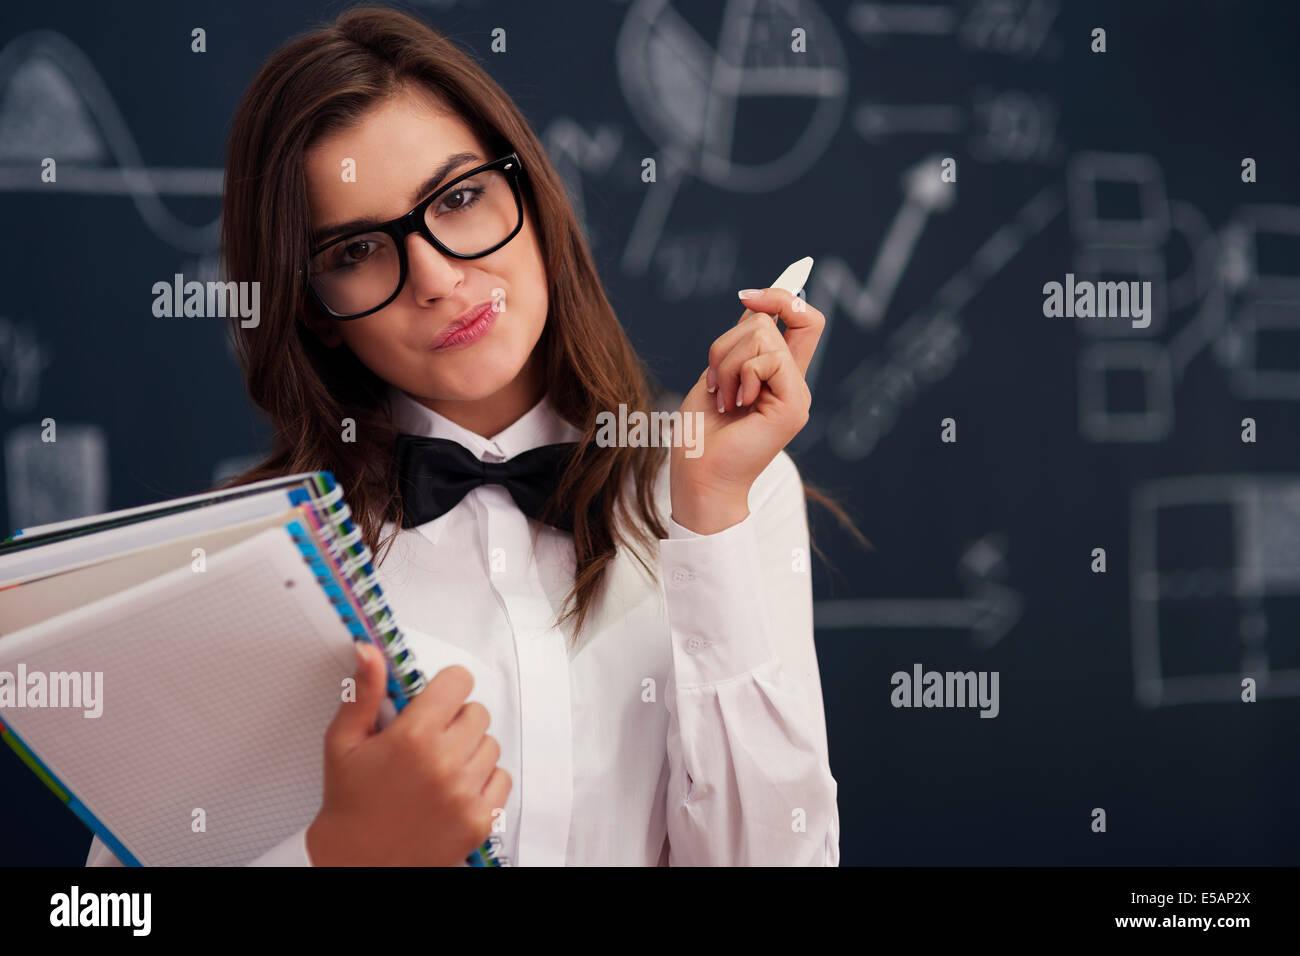 Femme avec les ordinateurs portables et de la craie, Debica, Pologne Photo Stock